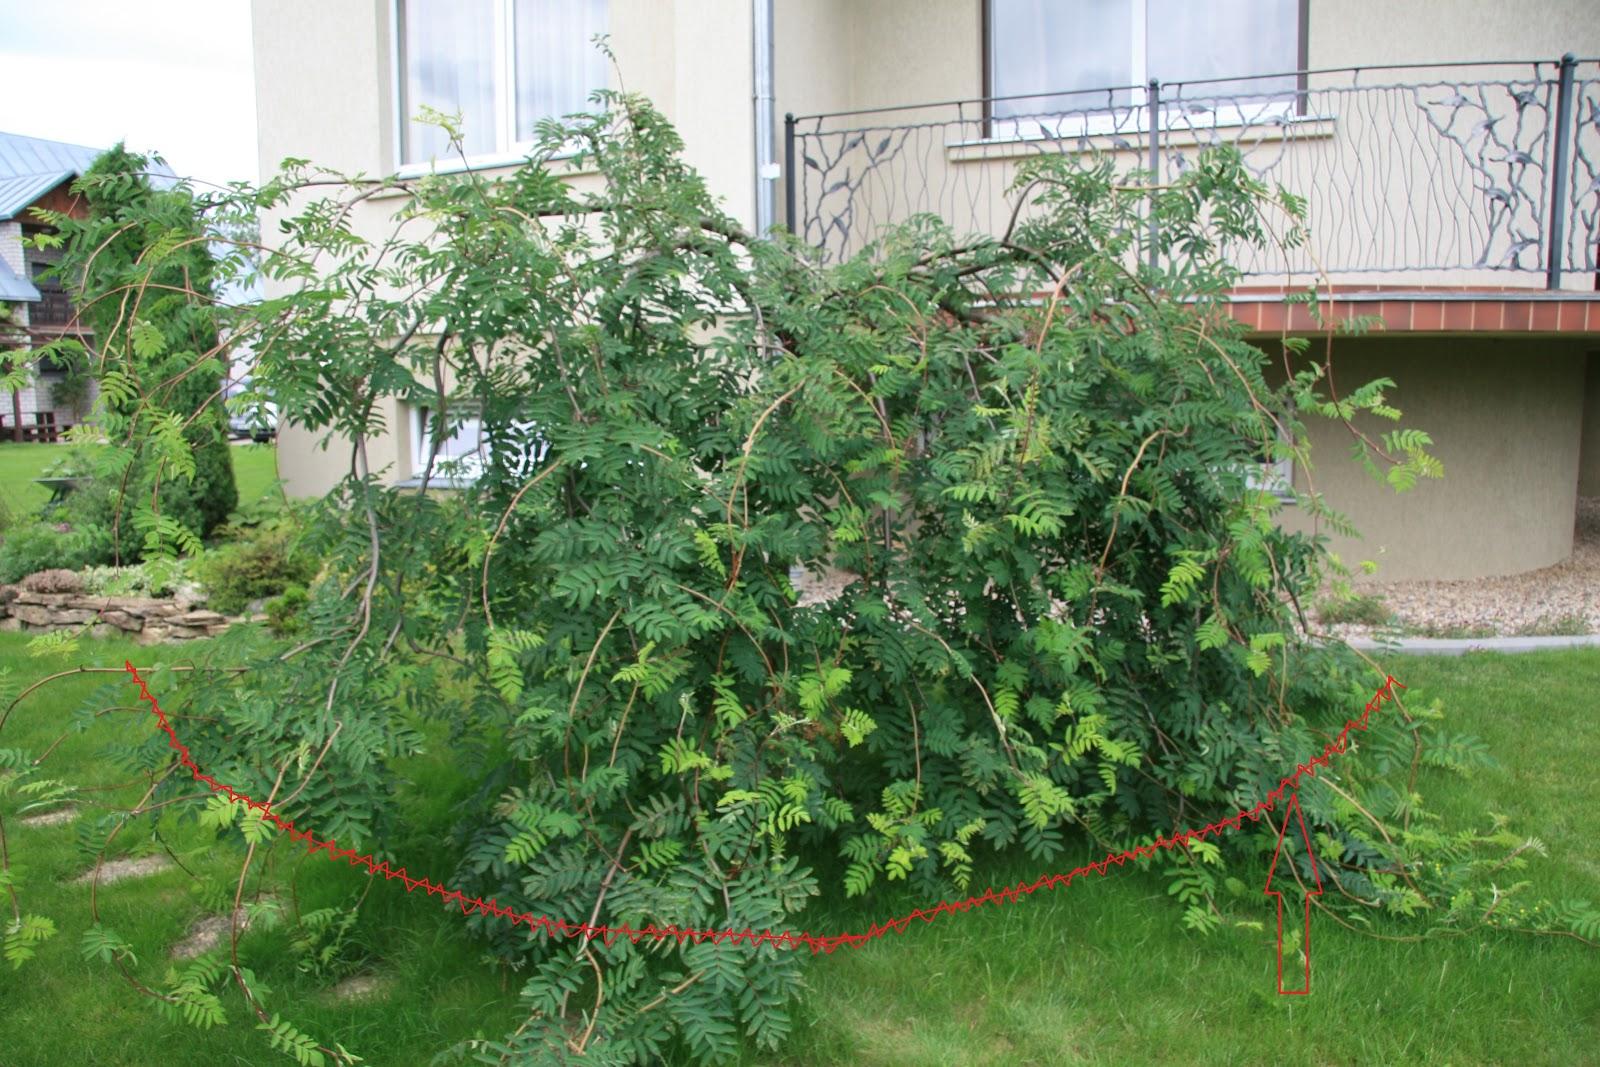 Sumedėjusių augalų genėjimas ir formavimas